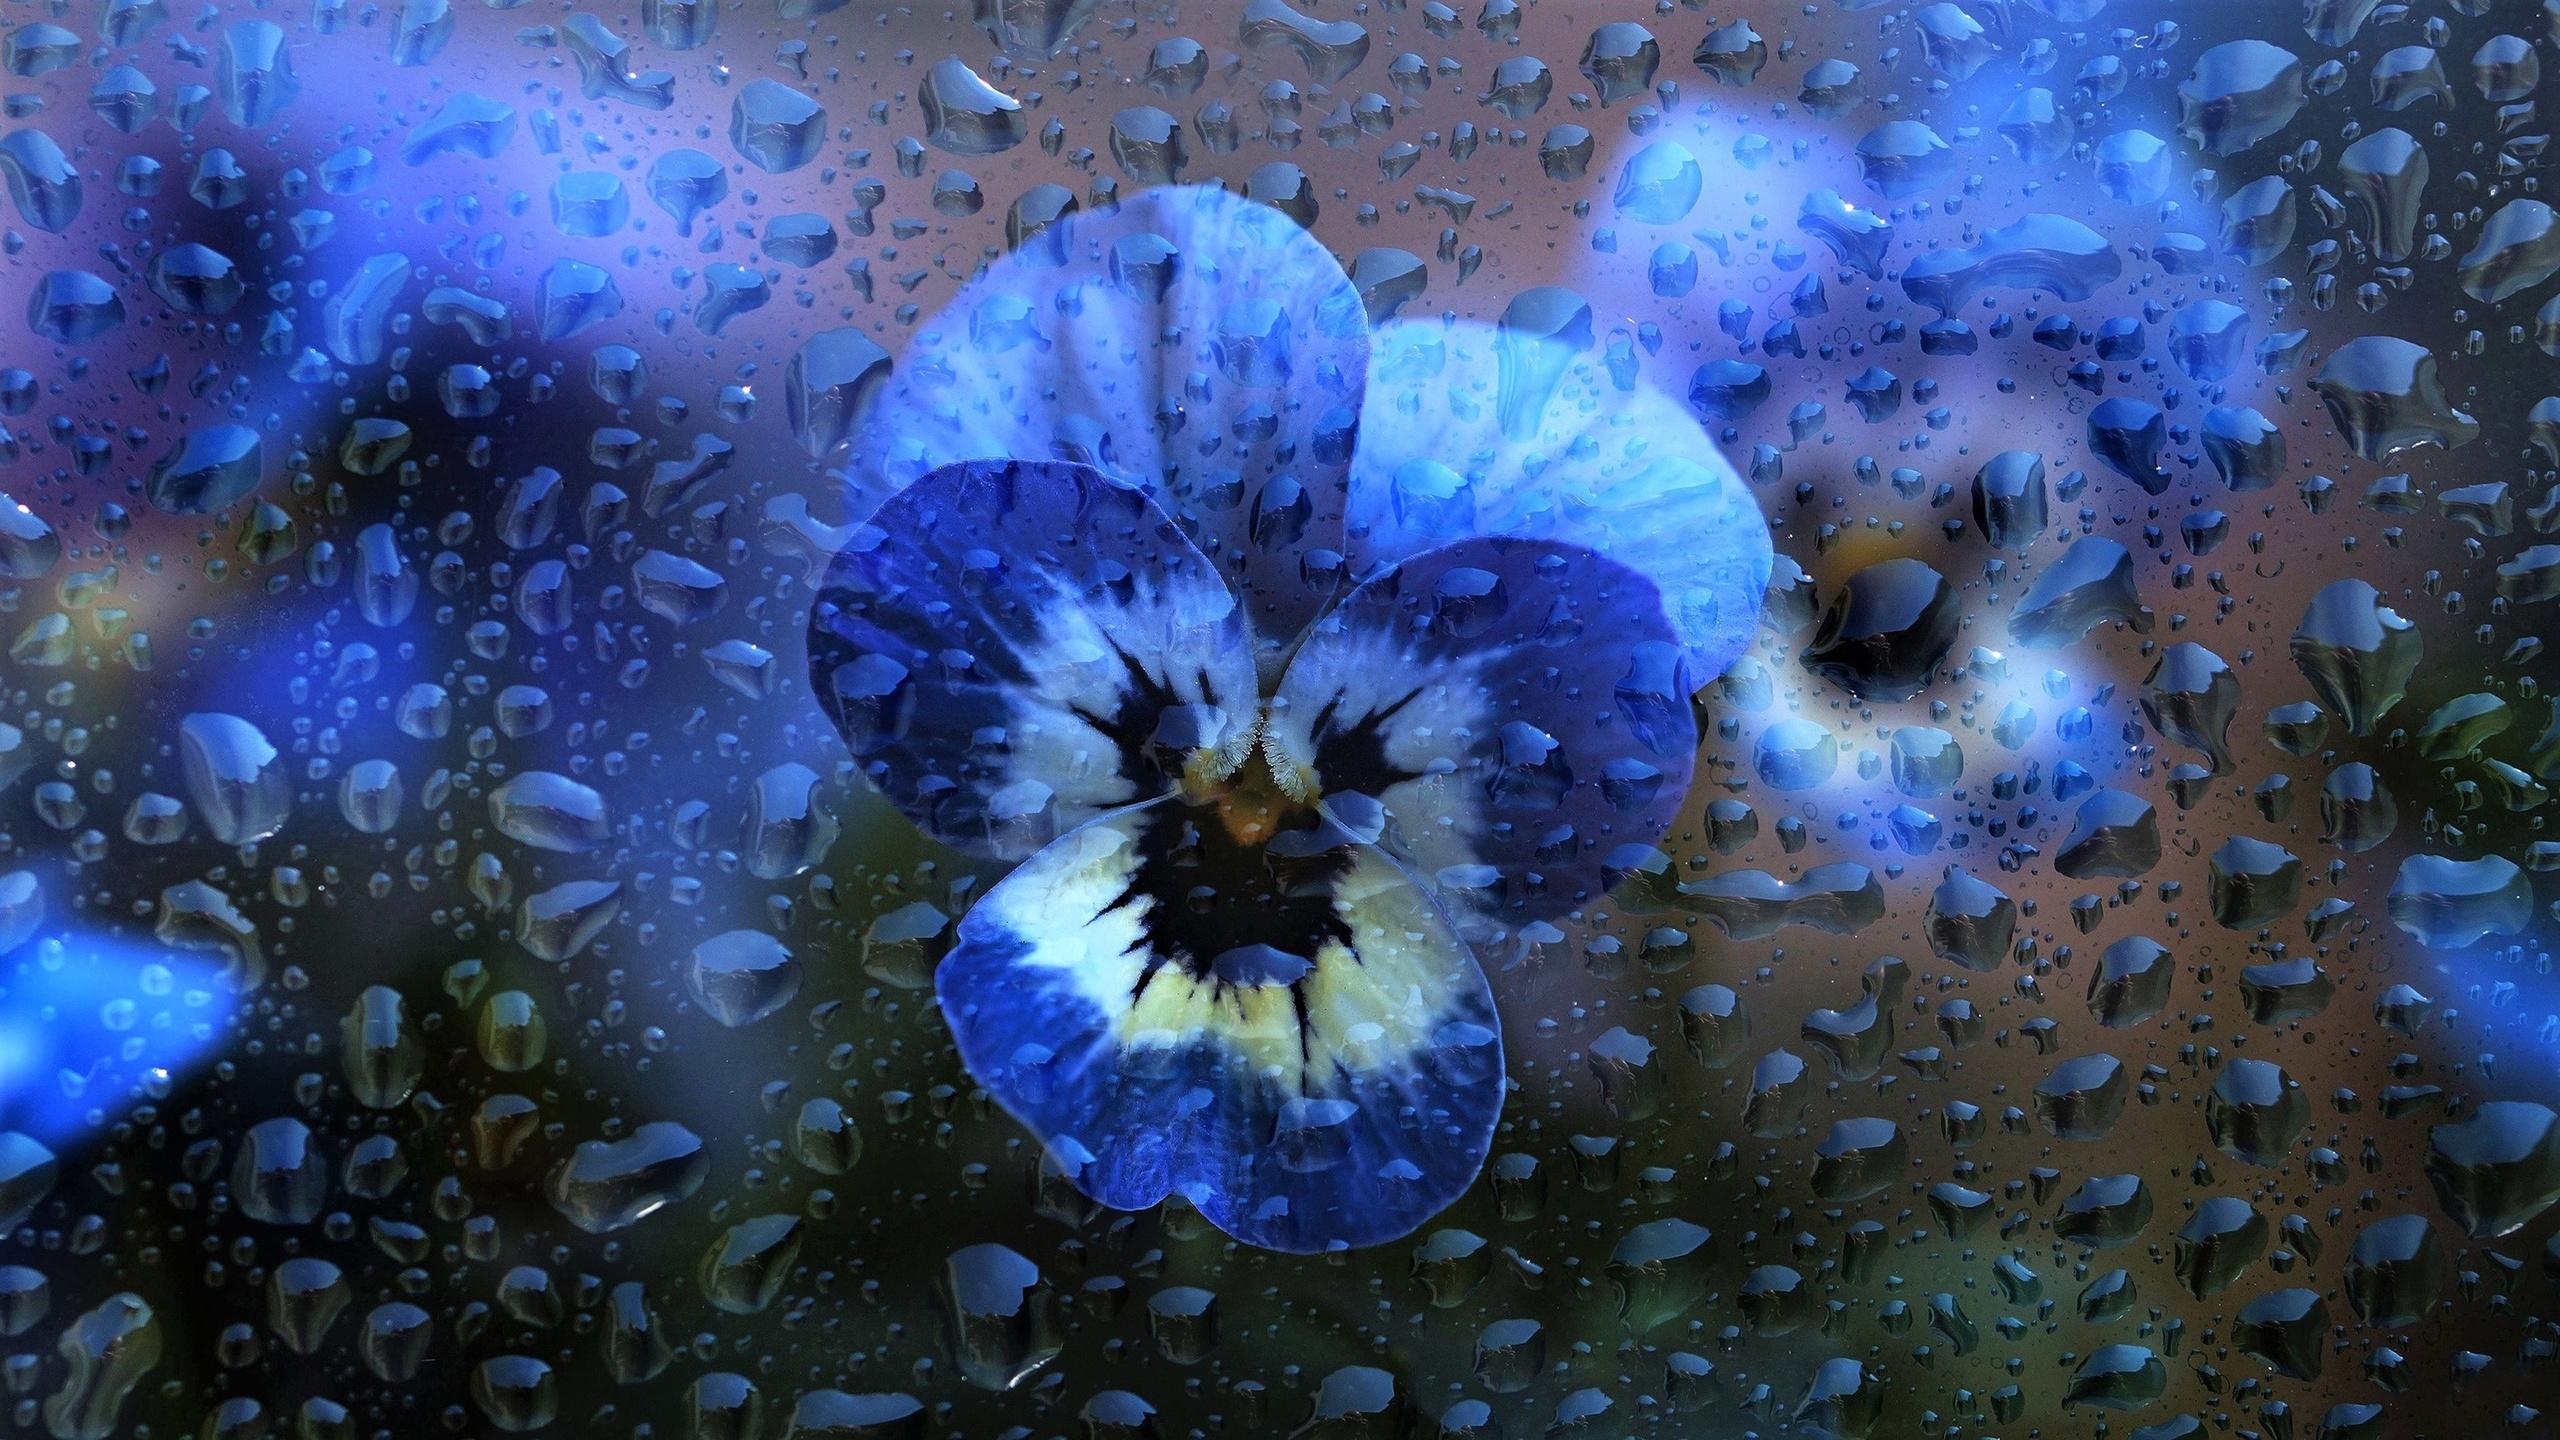 стекло, вода, капли, макро, цветы, голубые, анютины глазки